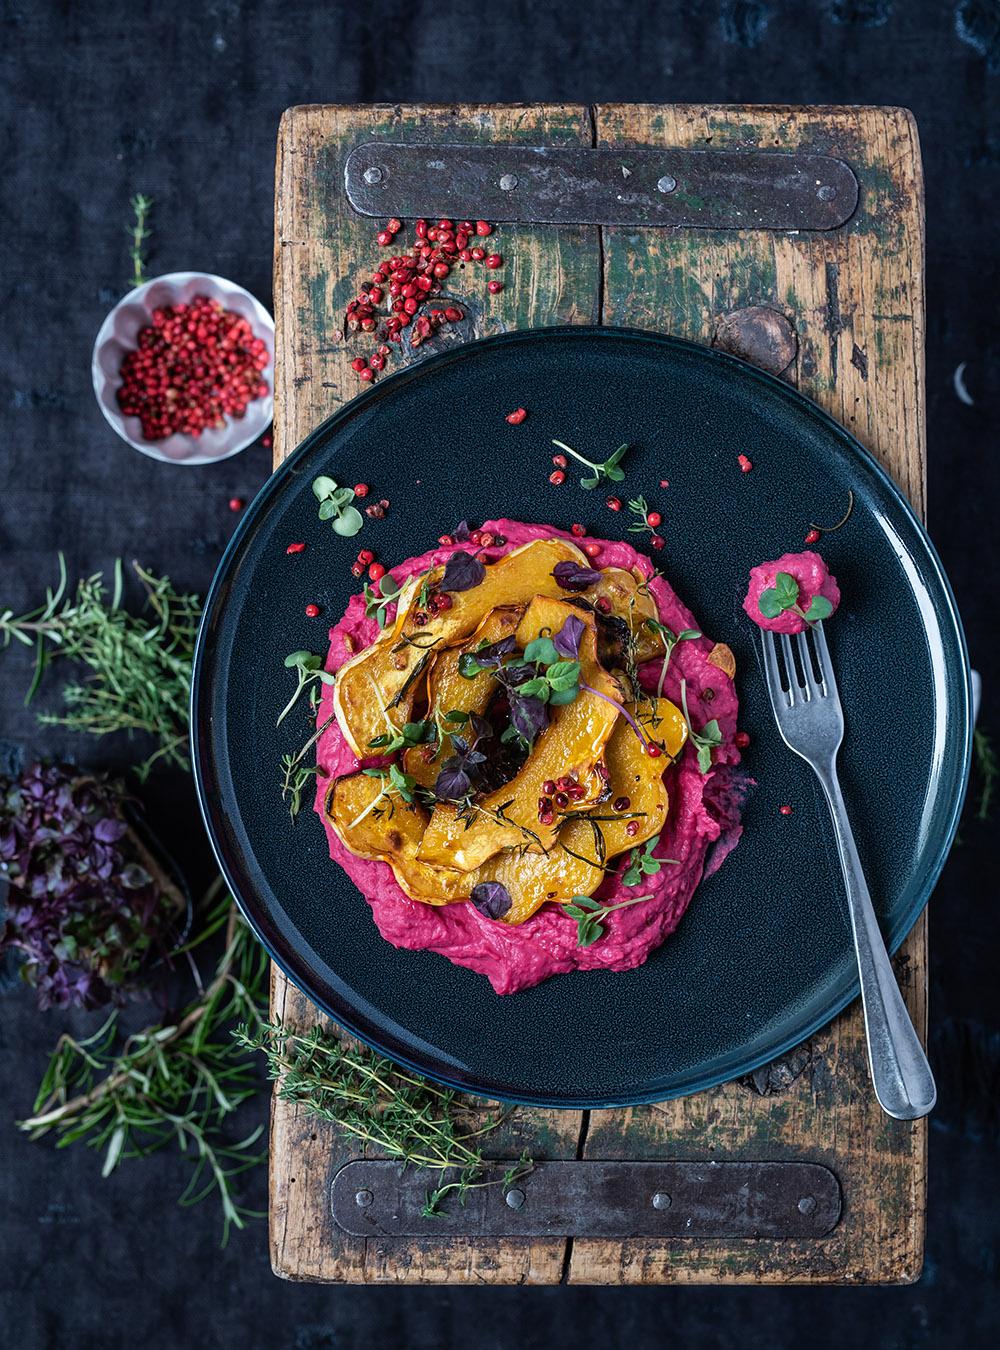 Ofen Kürbis mit Hummus aus Rote Bete und weißen Bohnen - fixe Feierabendküche, tolle Vorspeise, Beilage, Hauptgericht - Ruck-Zuck Rezept, schmeckt warm und kalt wunderbar